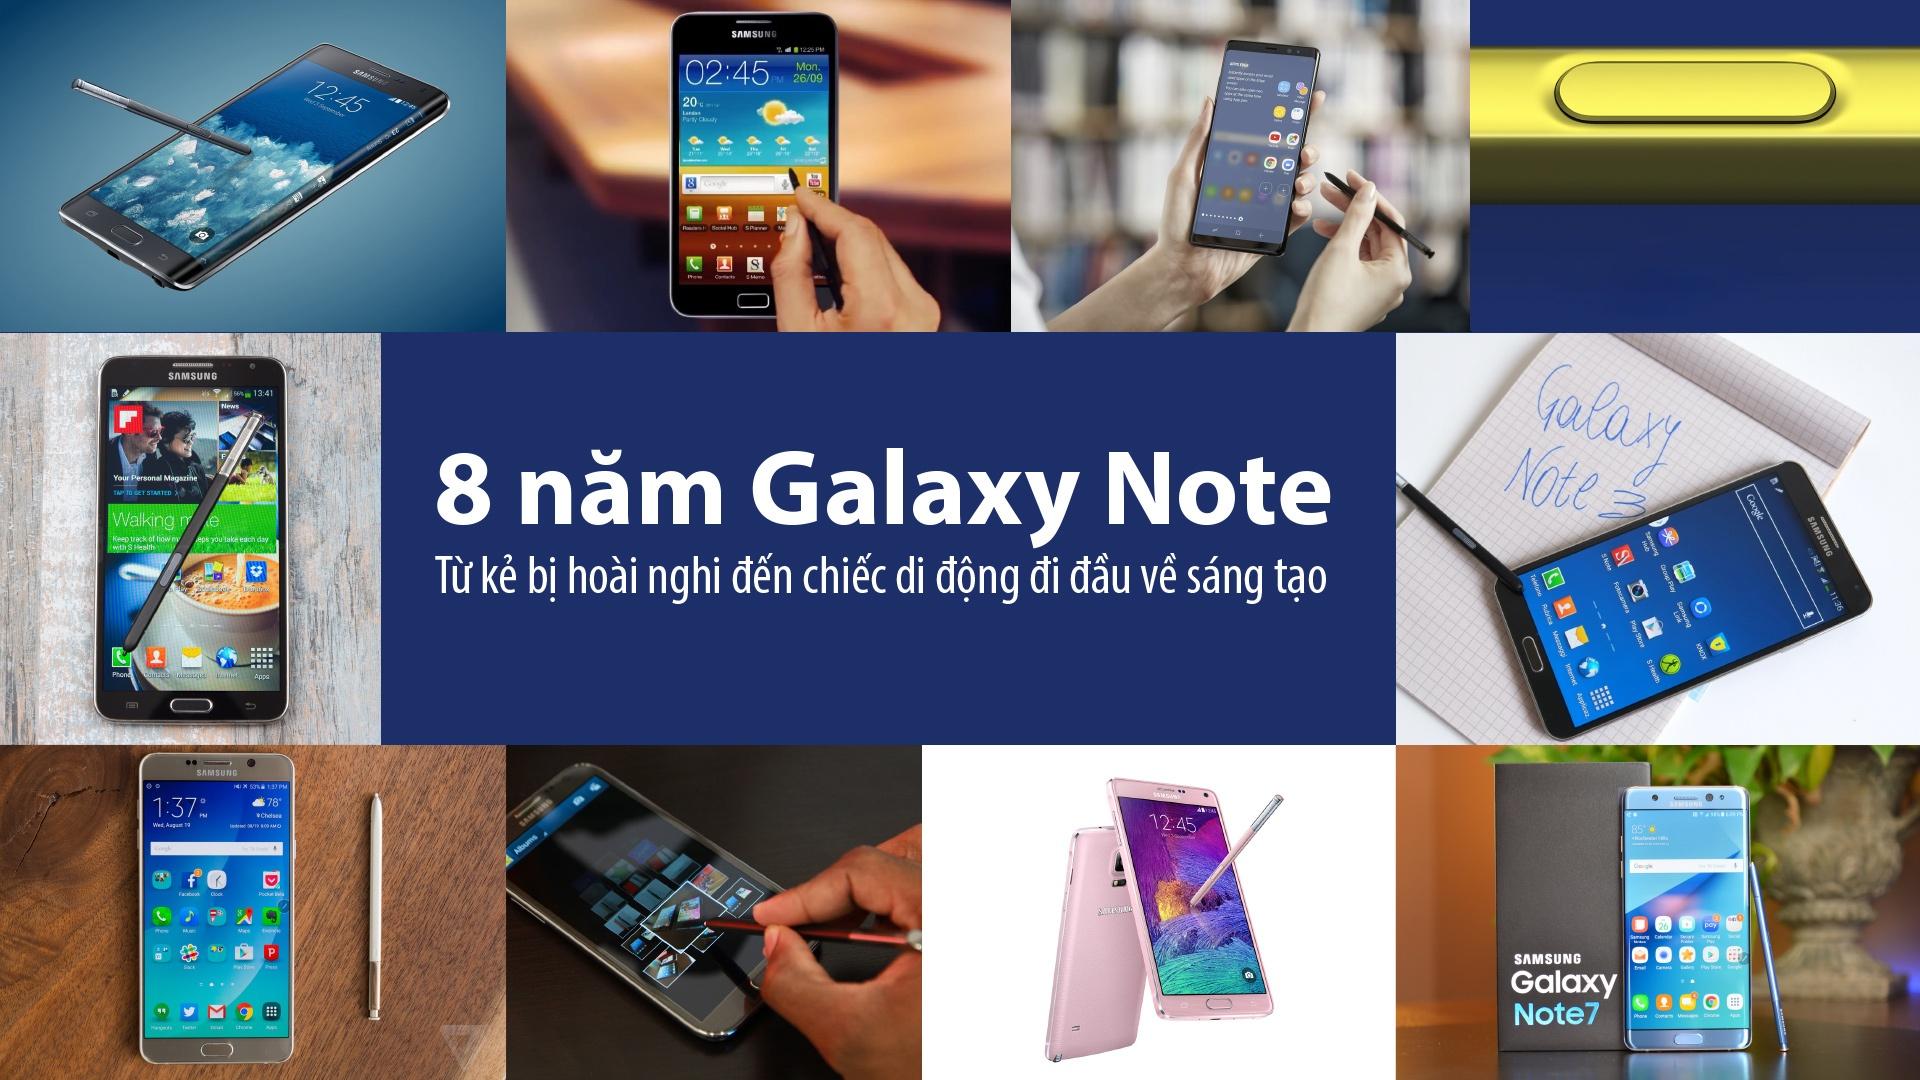 8 nam Galaxy Note: Tu ke bi hoai nghi den di dong di dau ve sang tao hinh anh 1